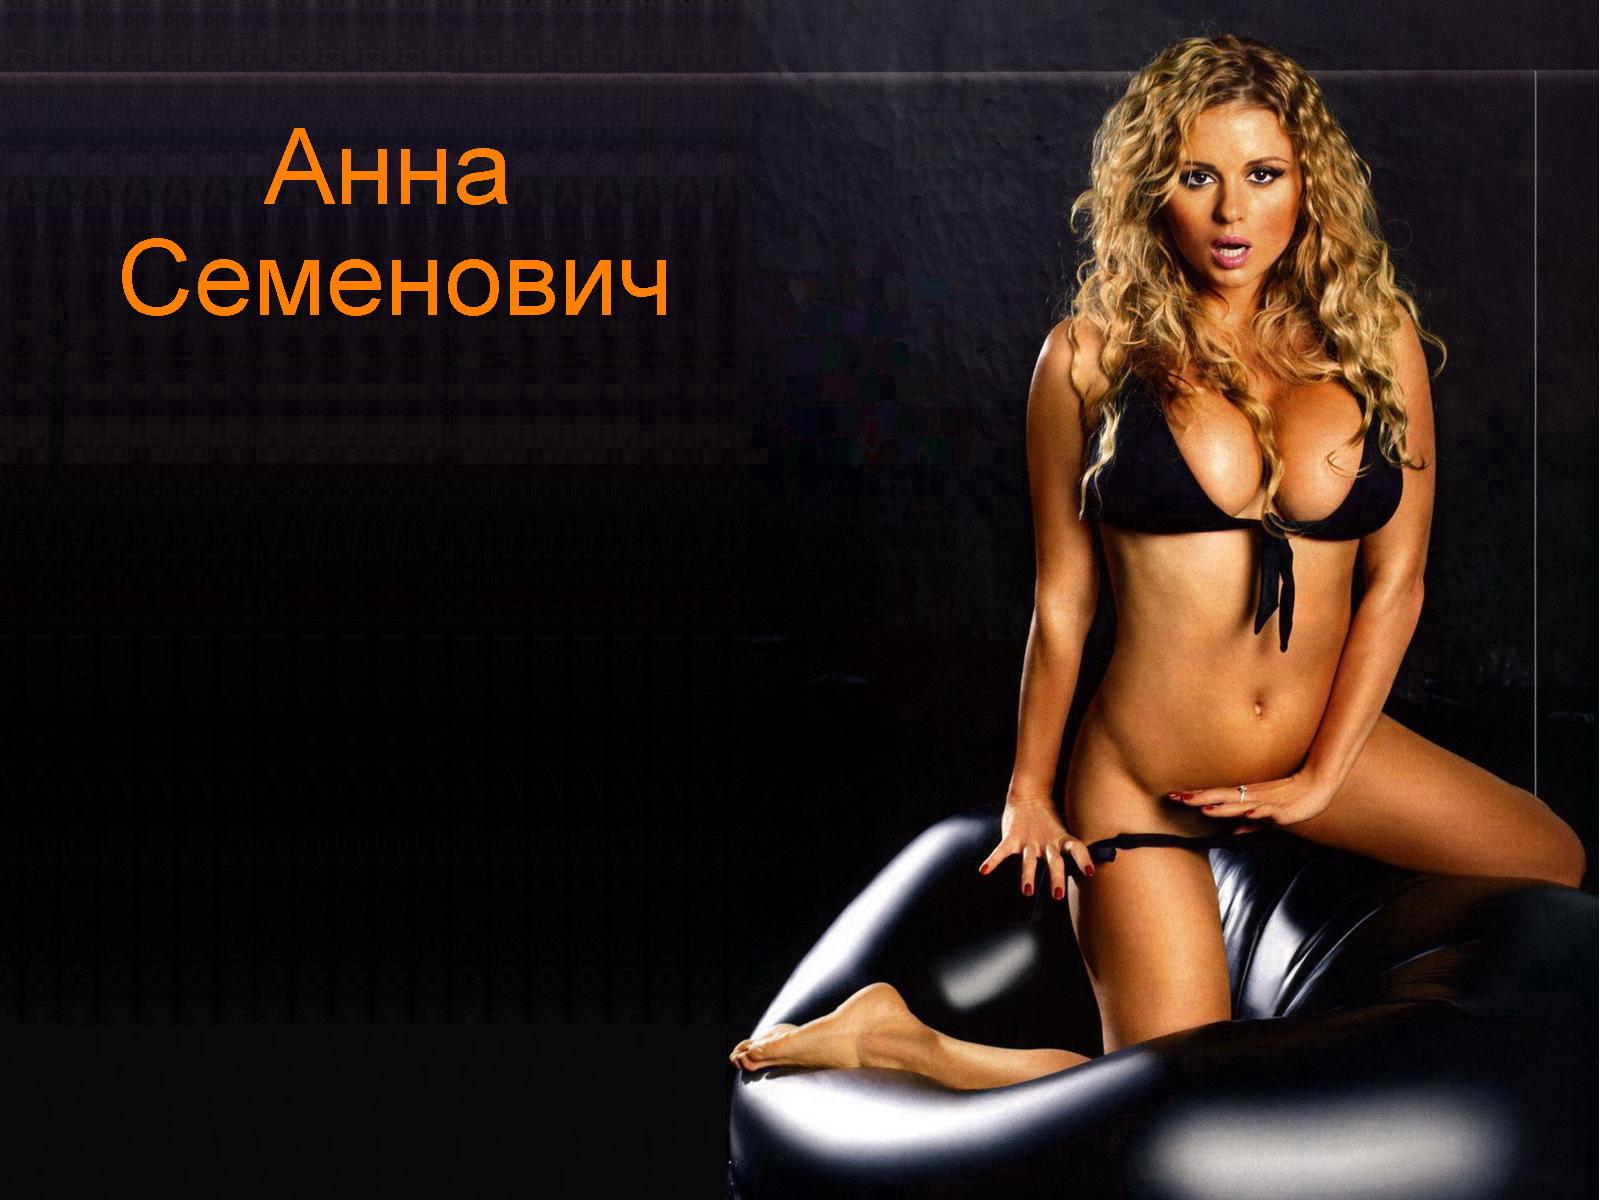 Голые знаменитости русские актрисы и певицы — 15